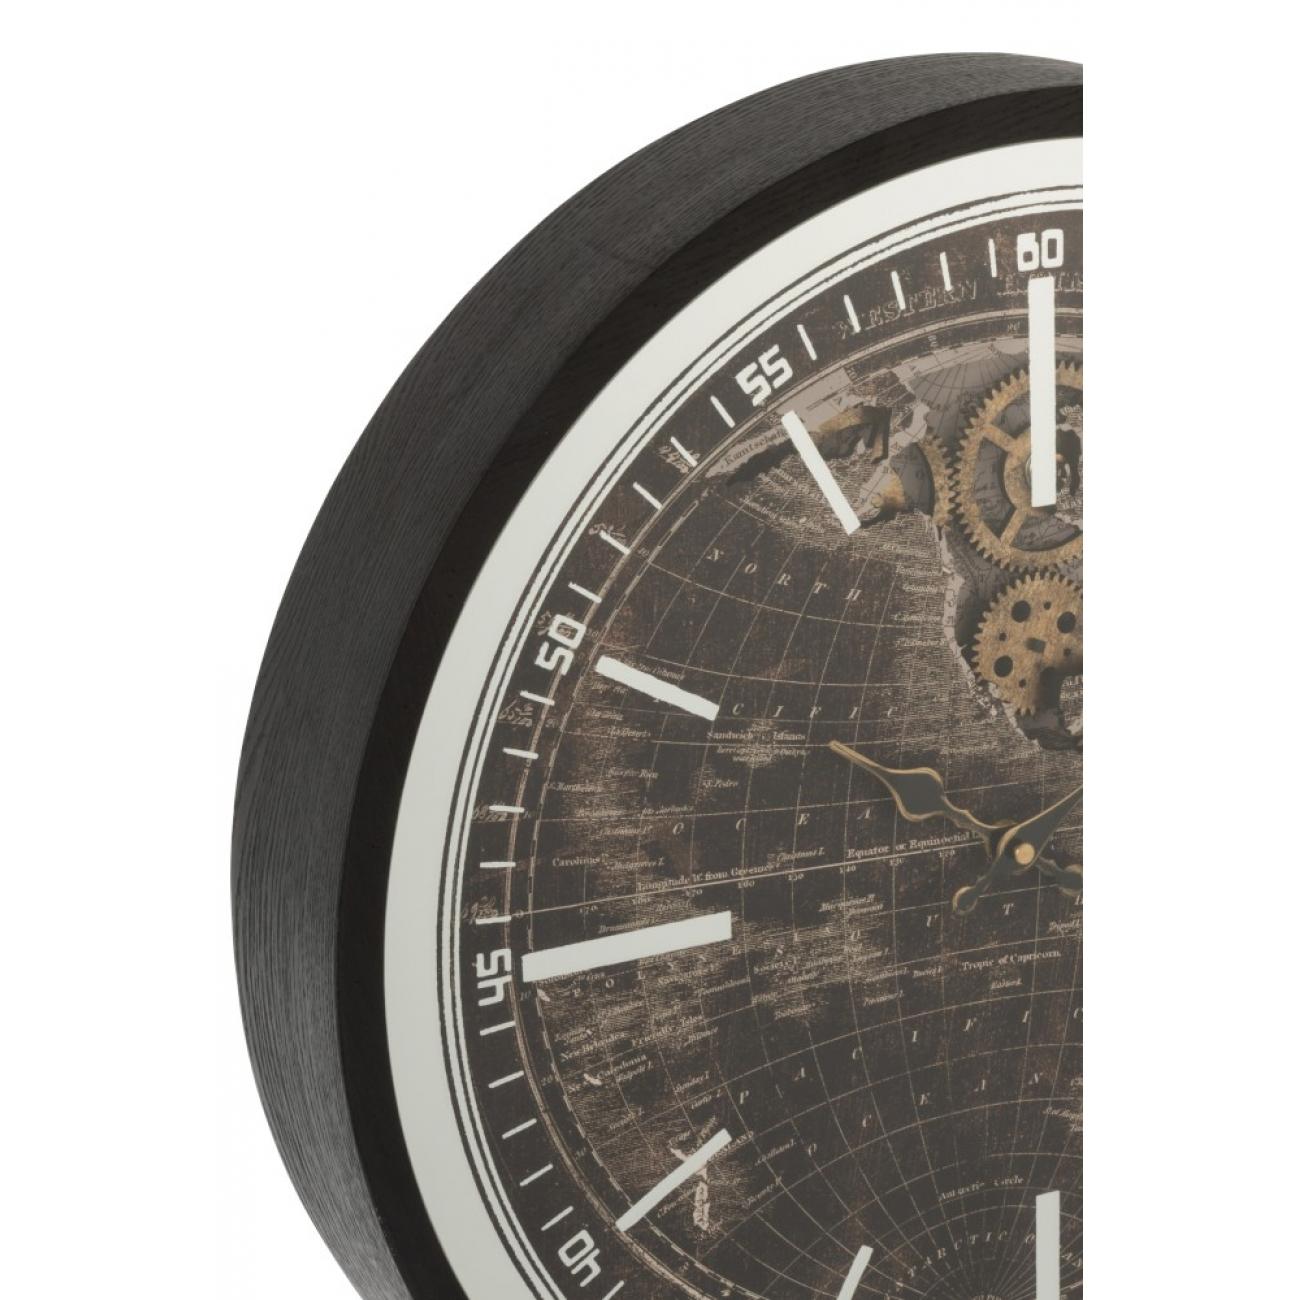 Настенные часы  J-LINE круглые в деревянной основе с видимым часовым механизмом черные  диаметр 48 см